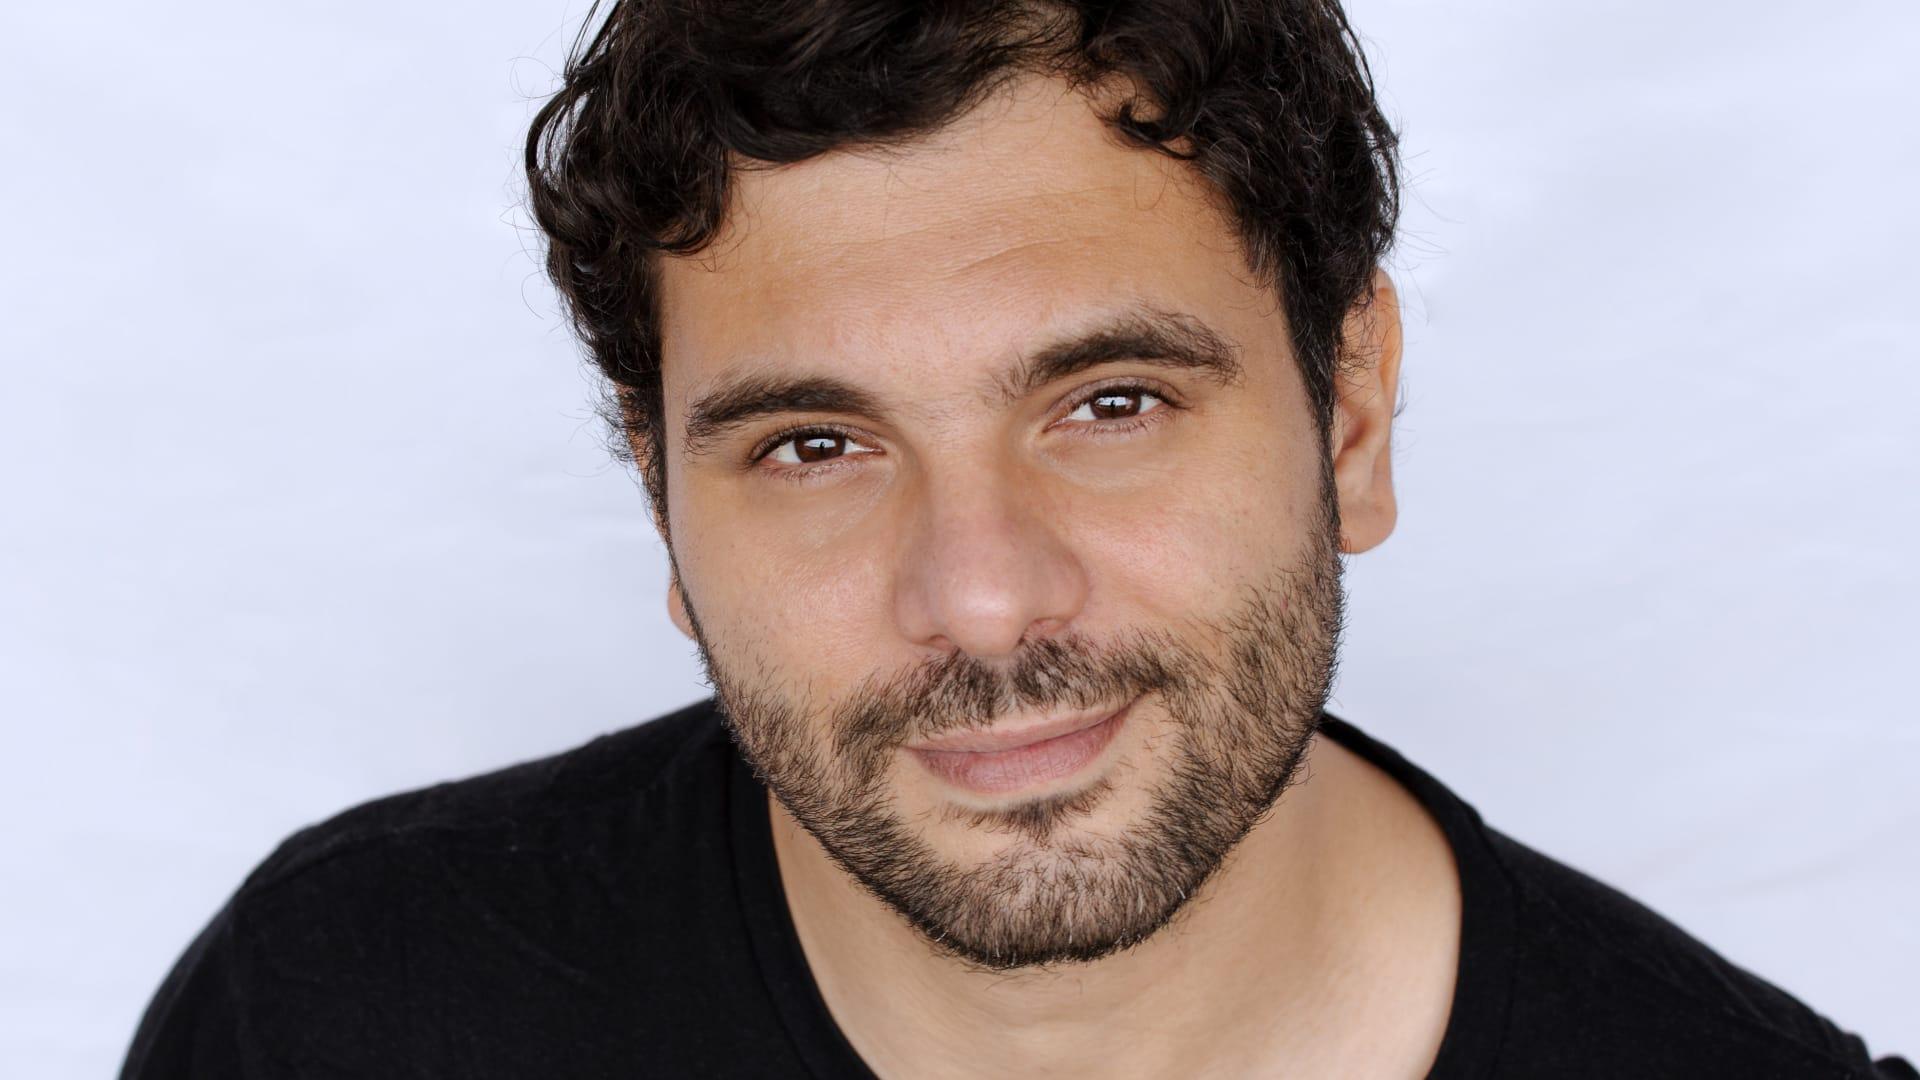 Marco Foscari